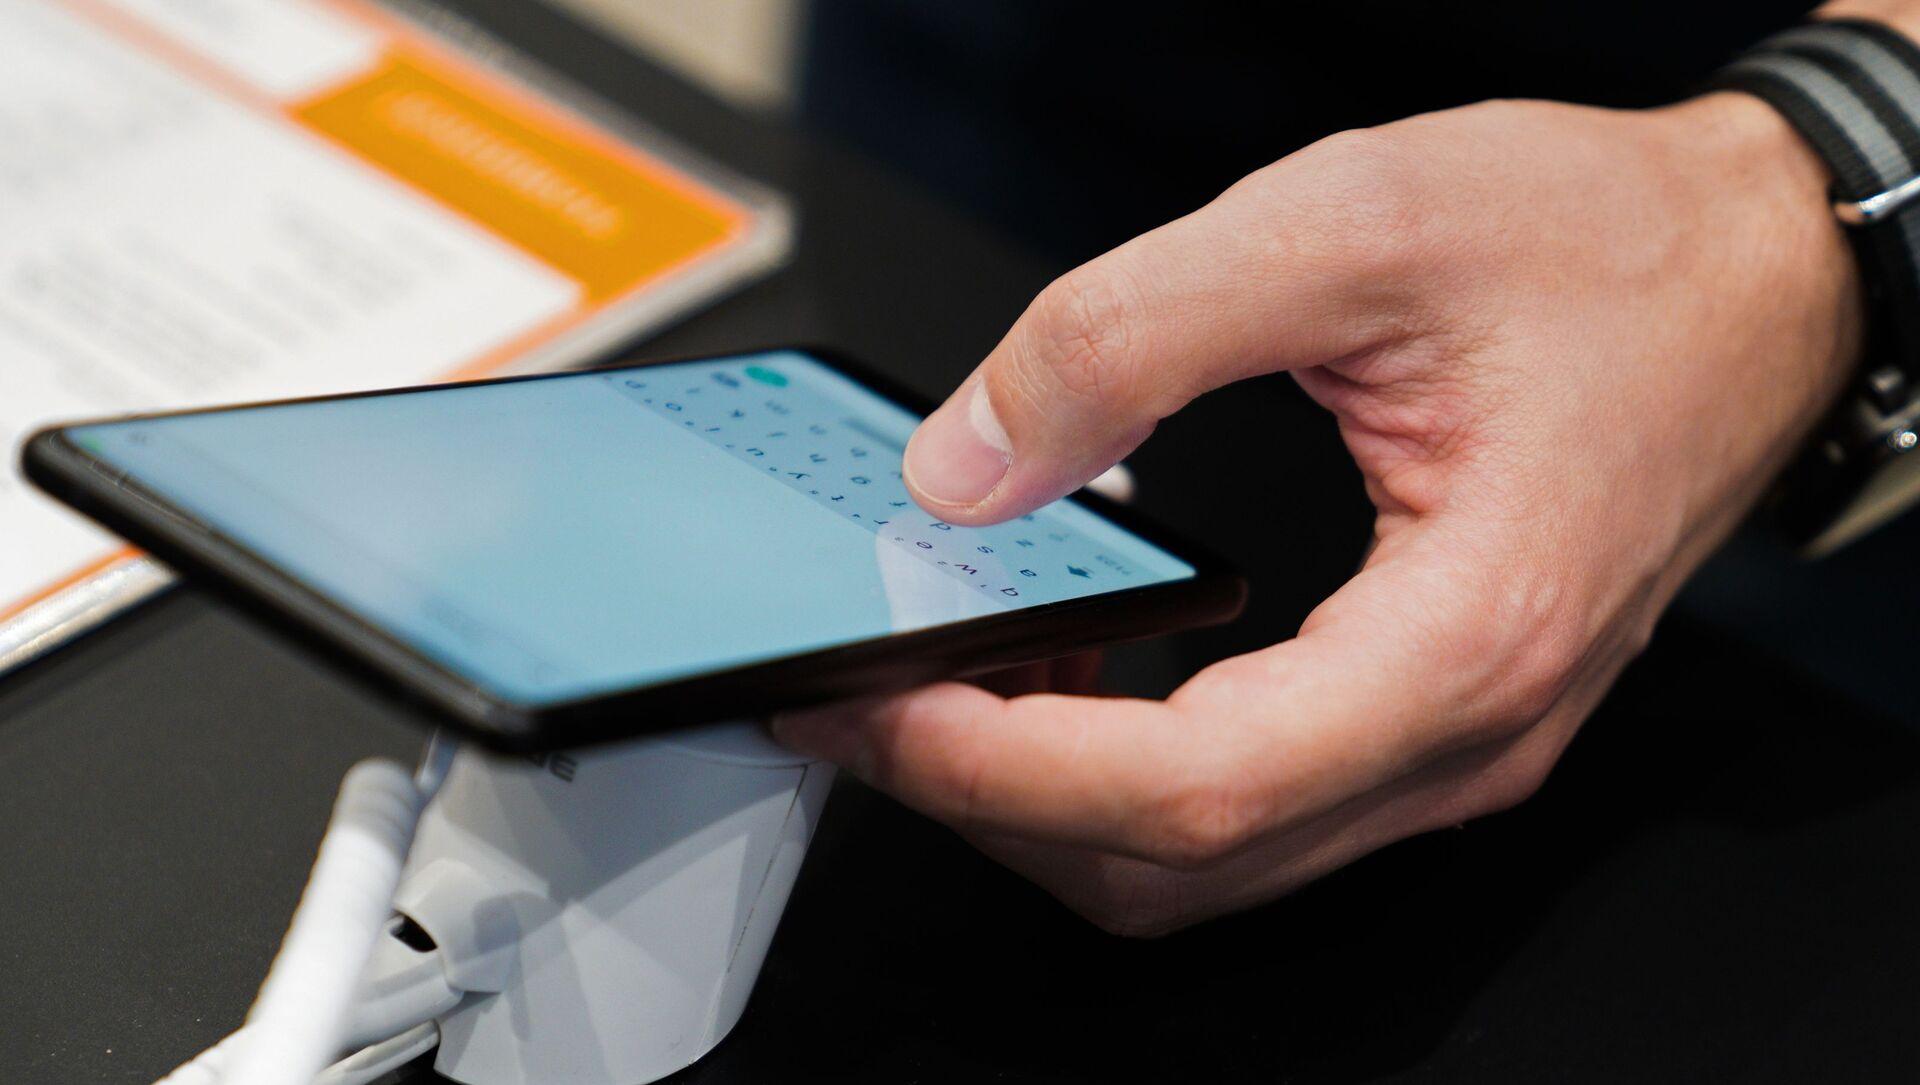 Посетитель осматривает смартфон в магазине Xiaomi на Тверской улице в Москве. Компания Xiaomi открыла новый официальный круглосуточный магазин в Москве. - Sputnik Абхазия, 1920, 13.09.2021